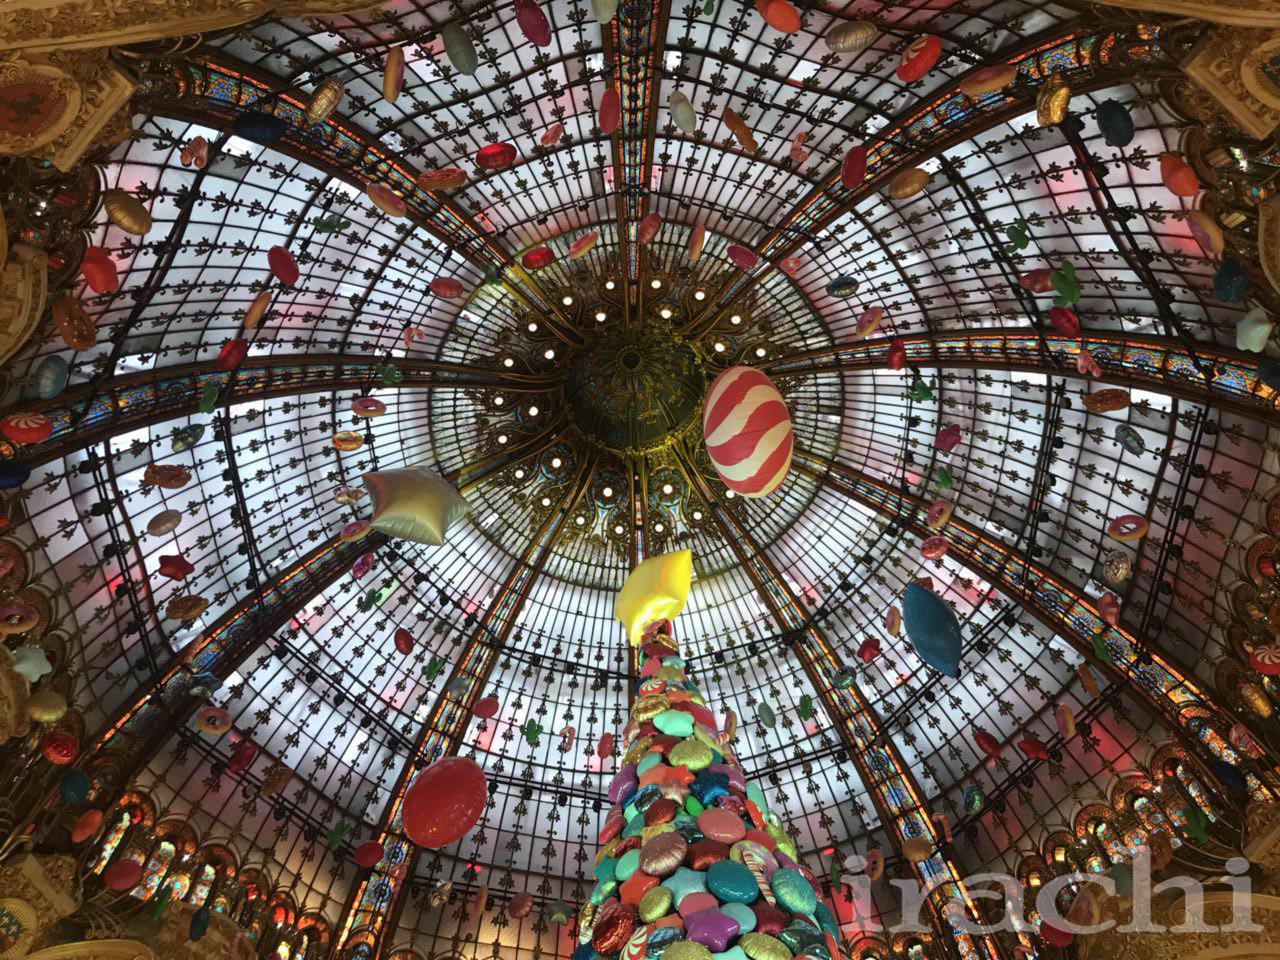 تزیین کریسمسی گنبد شیشه ای پاریس